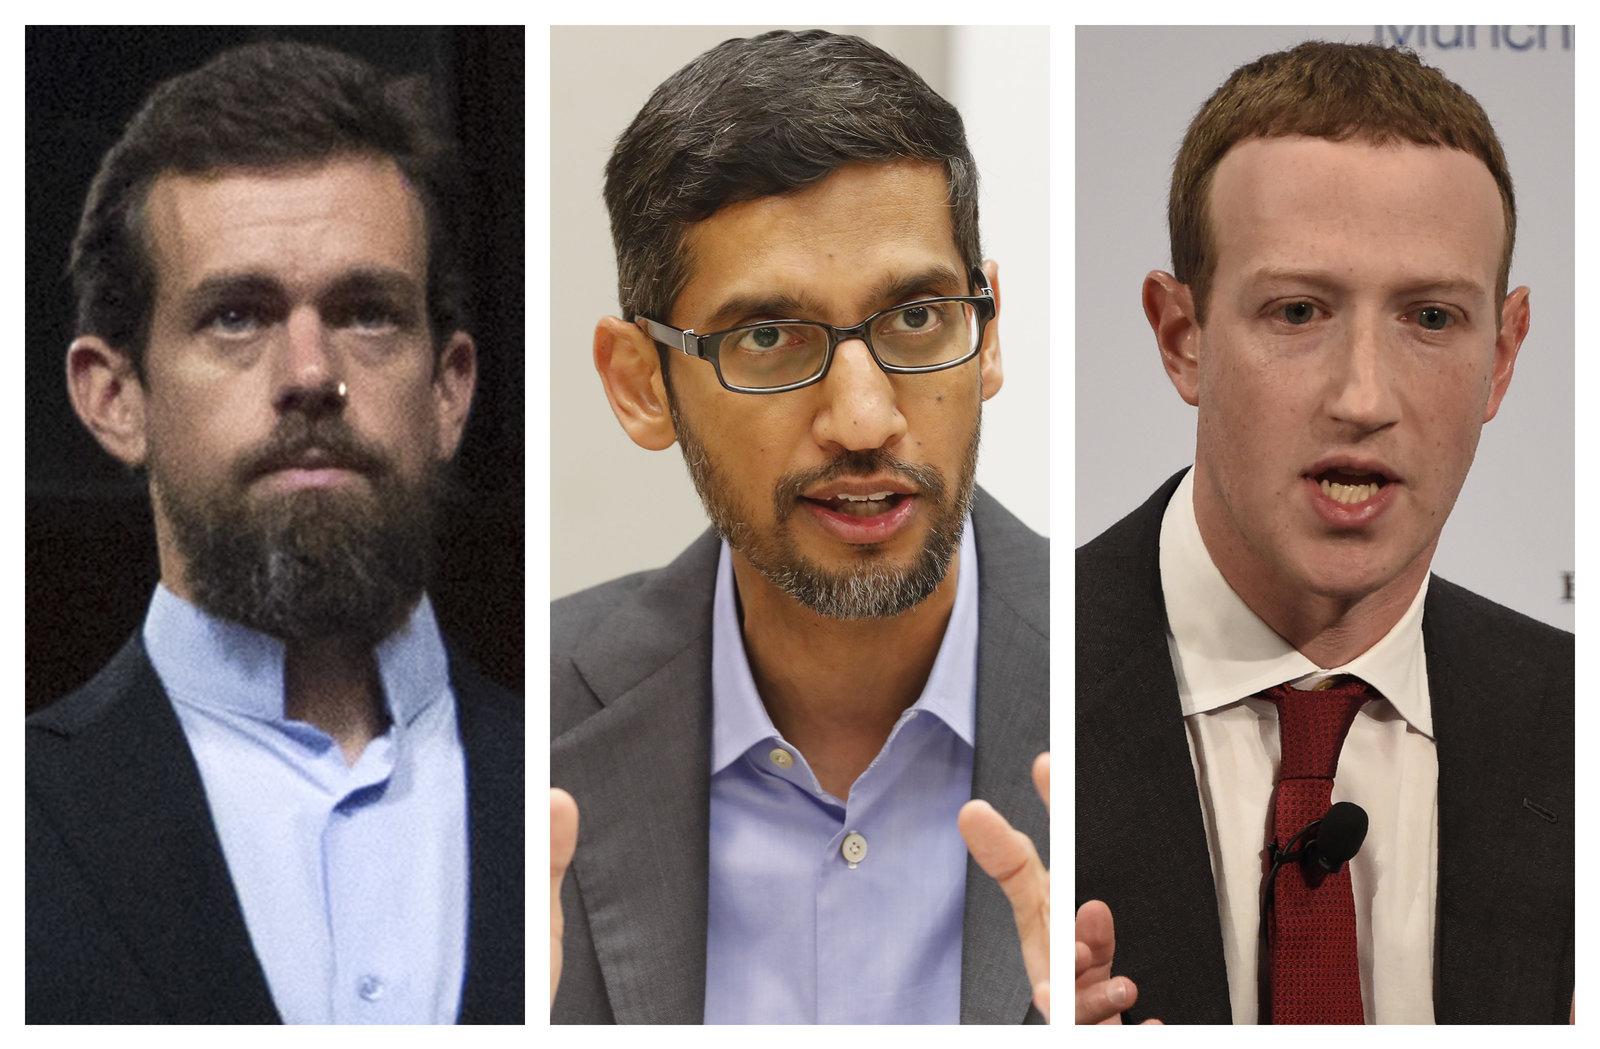 Facebook、Google、Twitter三大社交媒体CEO就内容审查出席听证会